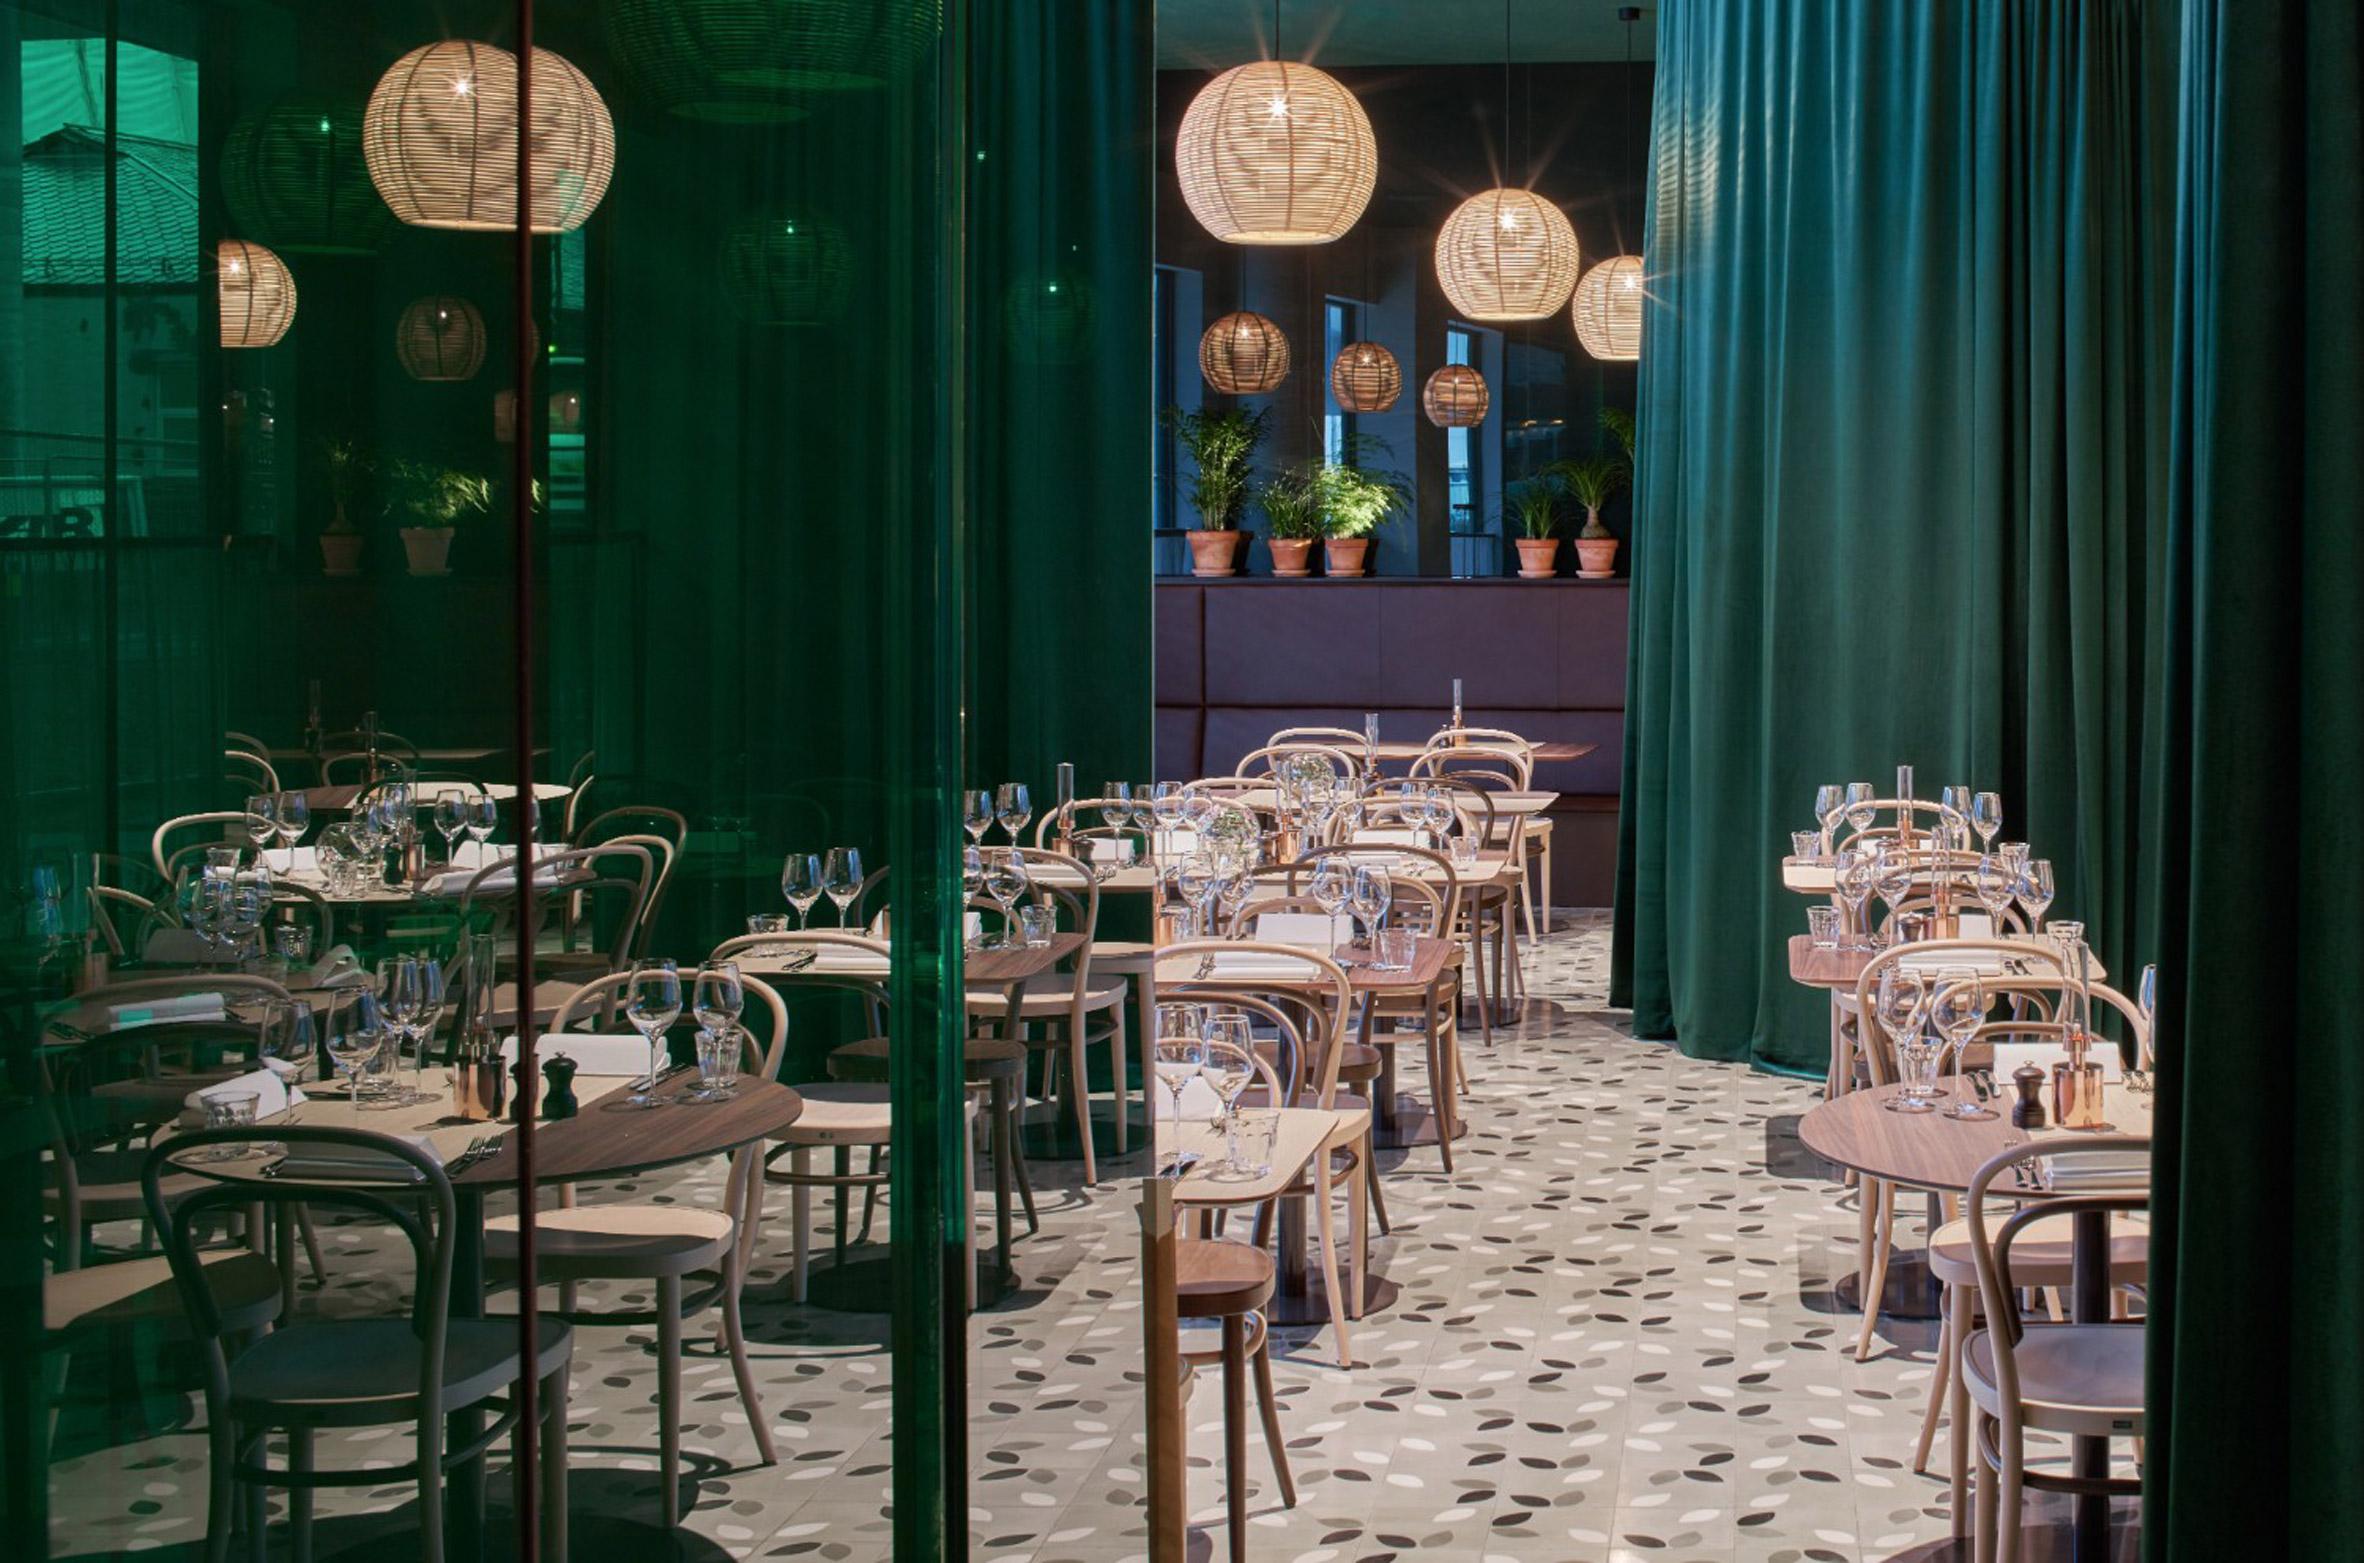 Claesson Koivisto Rune designs rain-themed interiors for Bergen's Zander K hotel